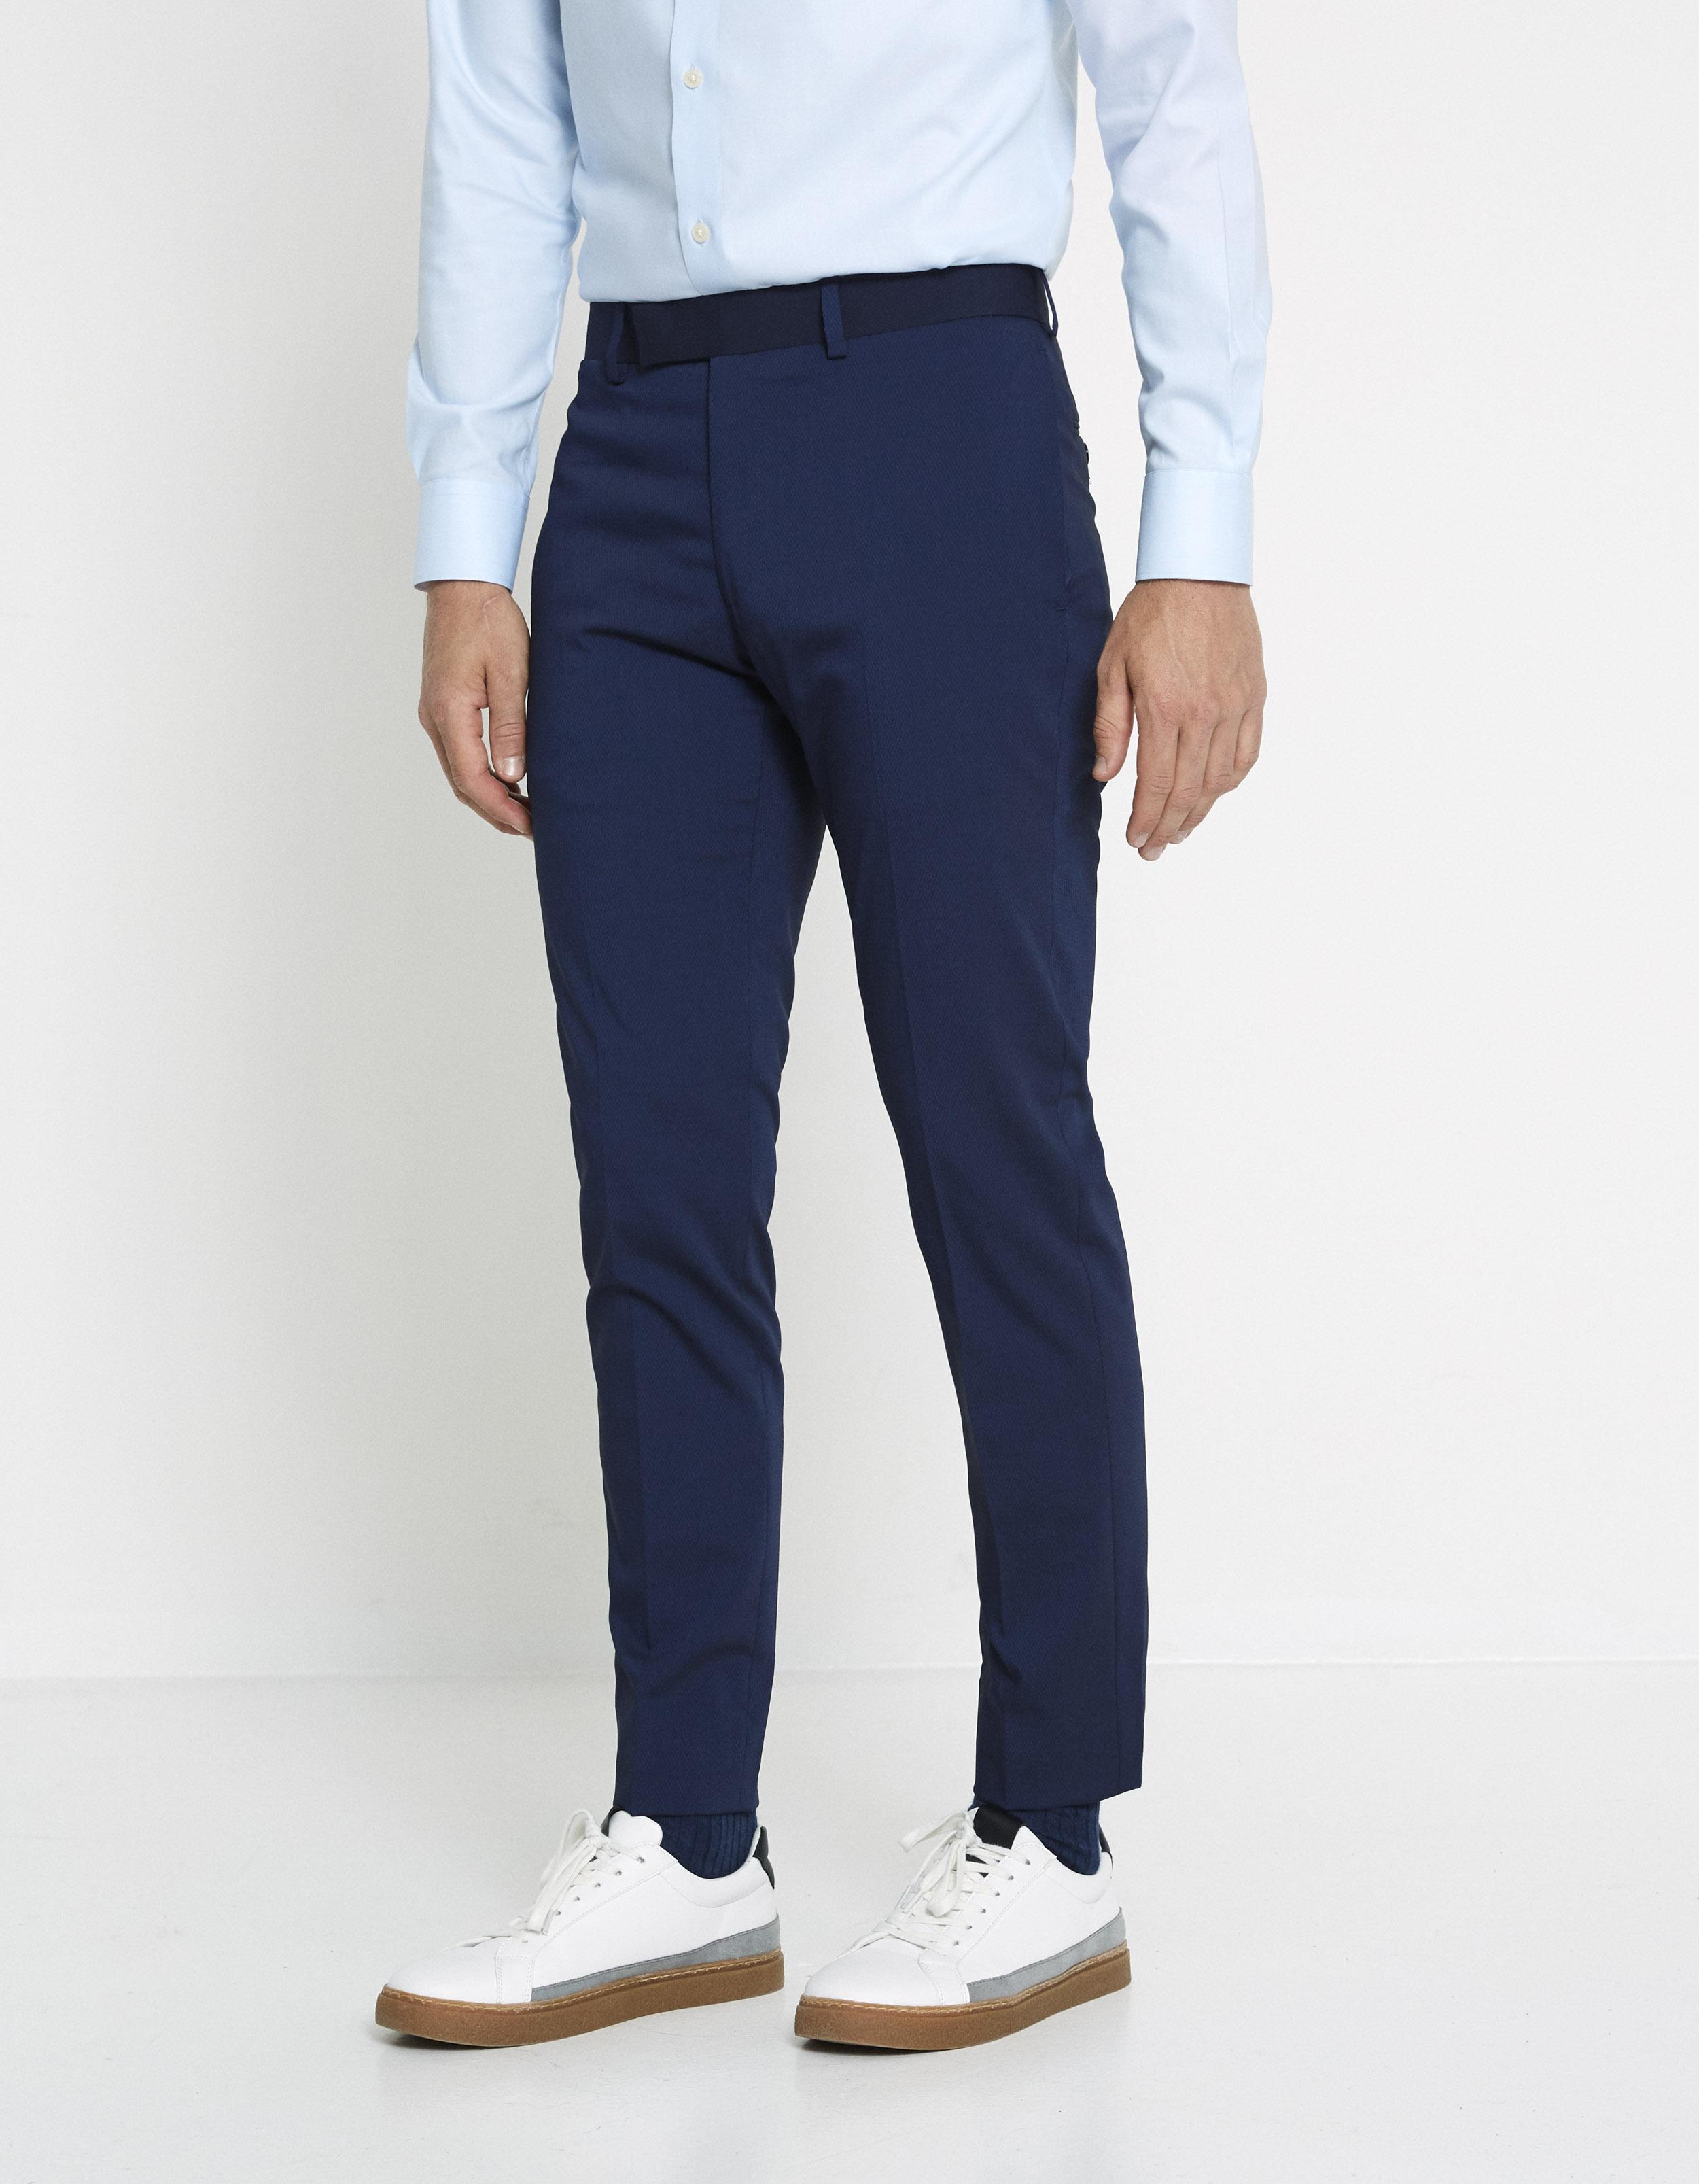 Pantalon DIAM extra slim uni – bleu Prix 59,99 €